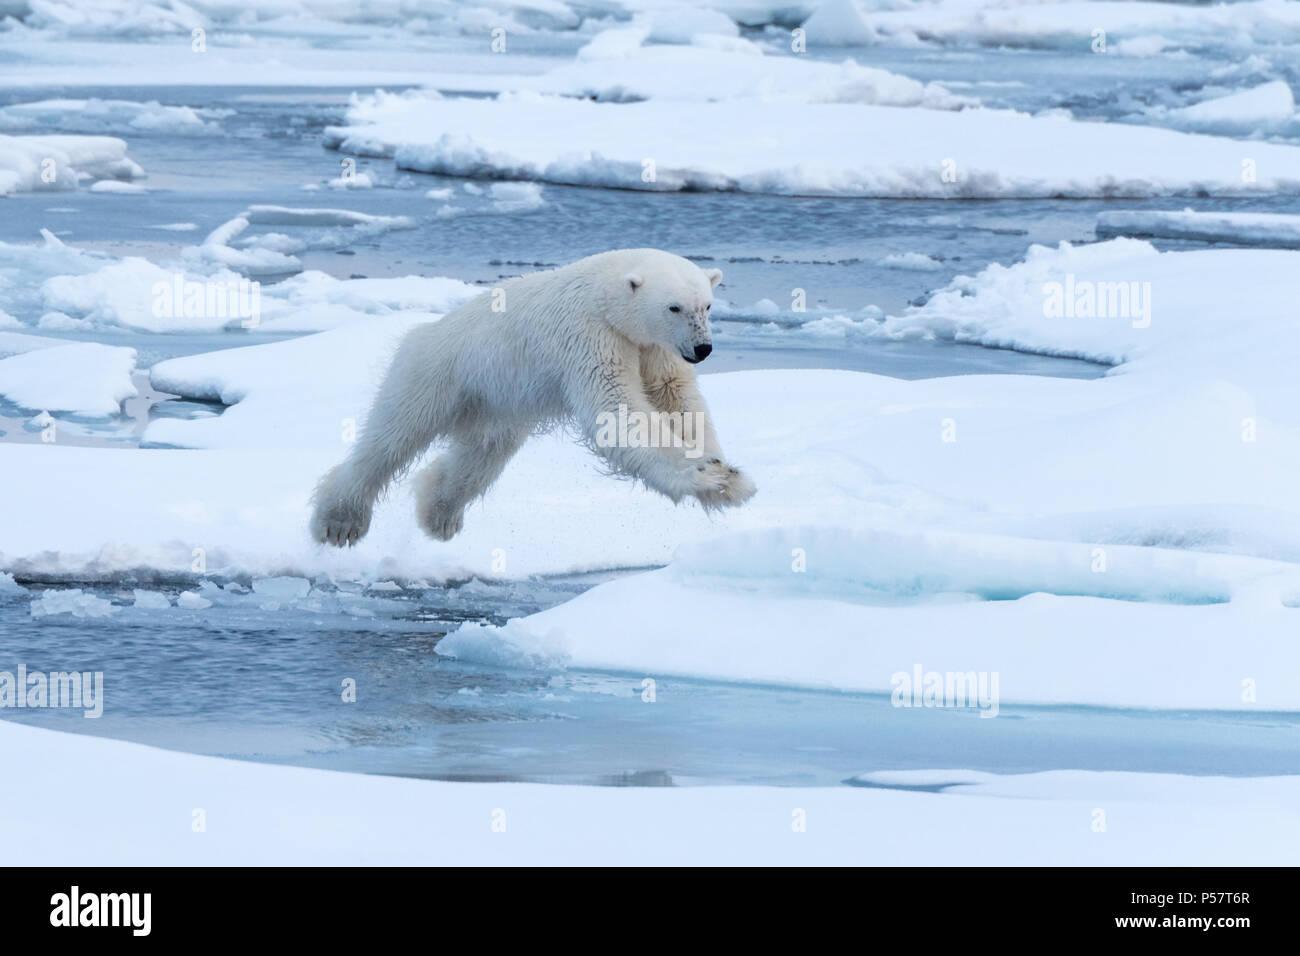 Eisbär das Springen zwischen den Eisschollen Stockbild